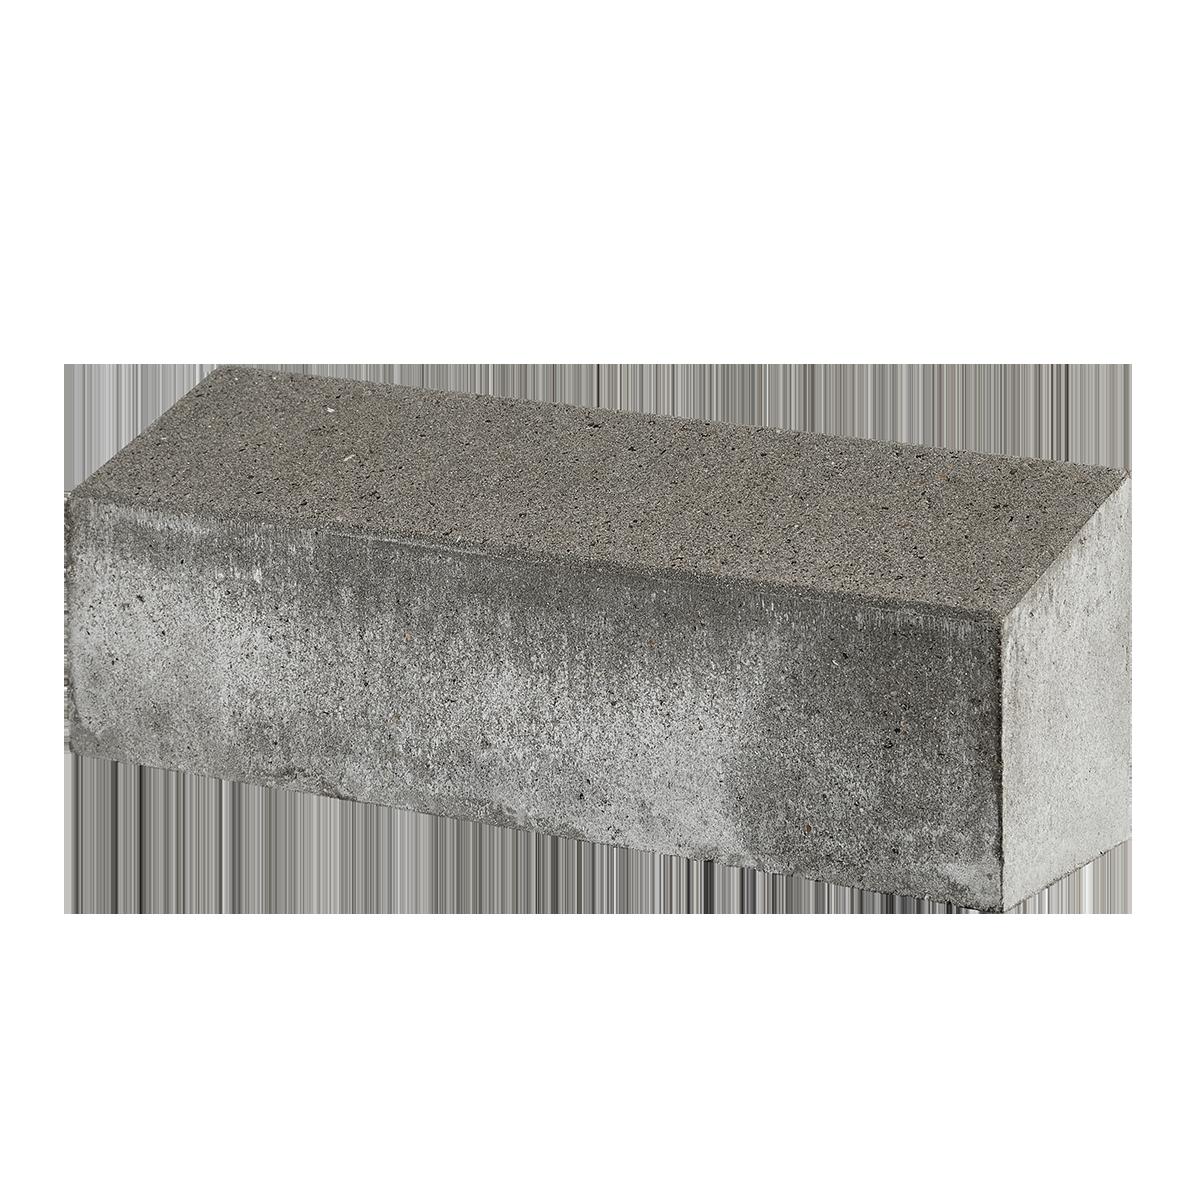 Albertslundkantsten 15x15/20x60 cm Grå skrå overside